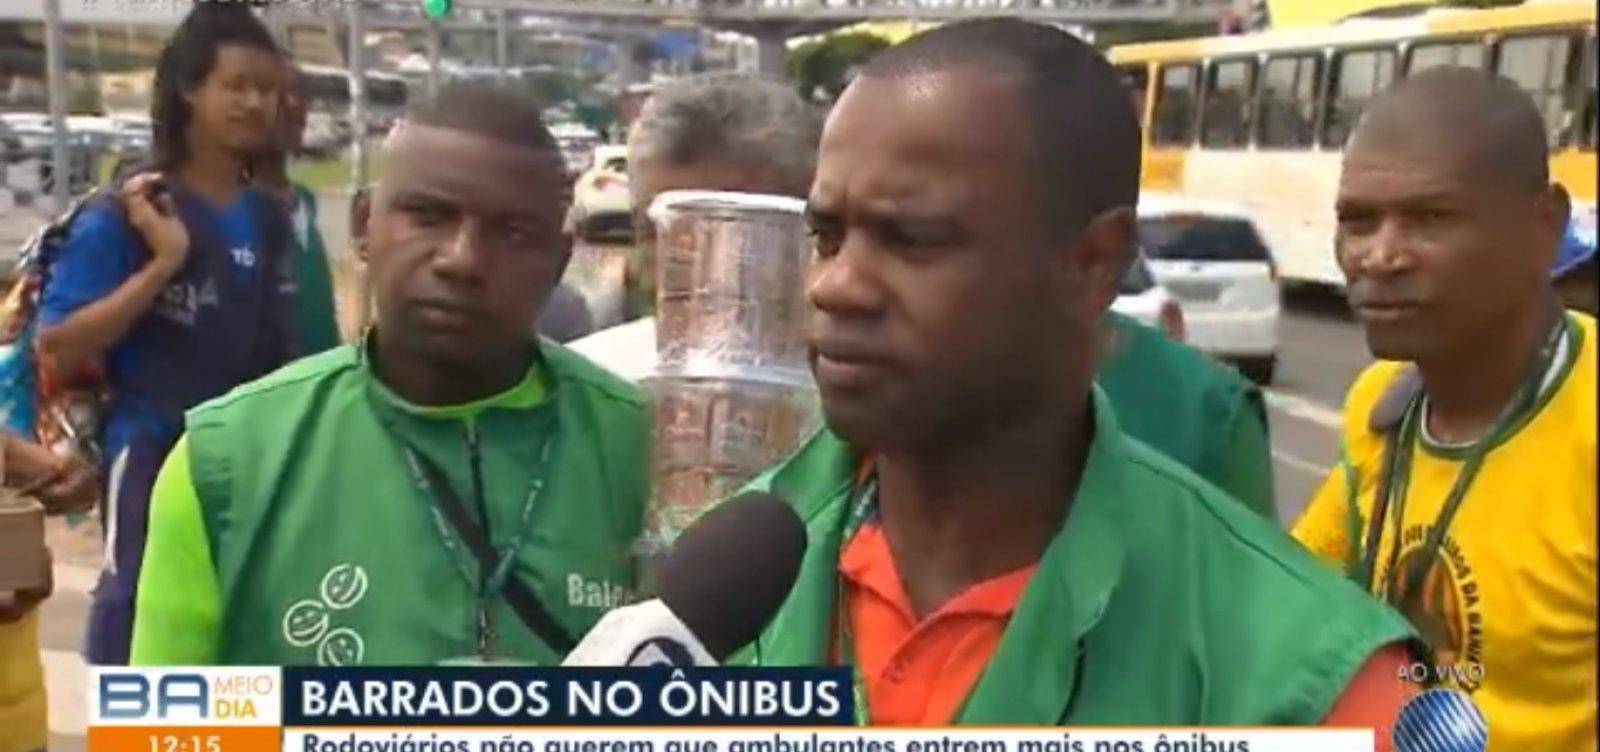 Baleiros protestam contra proibição de entrar em ônibus